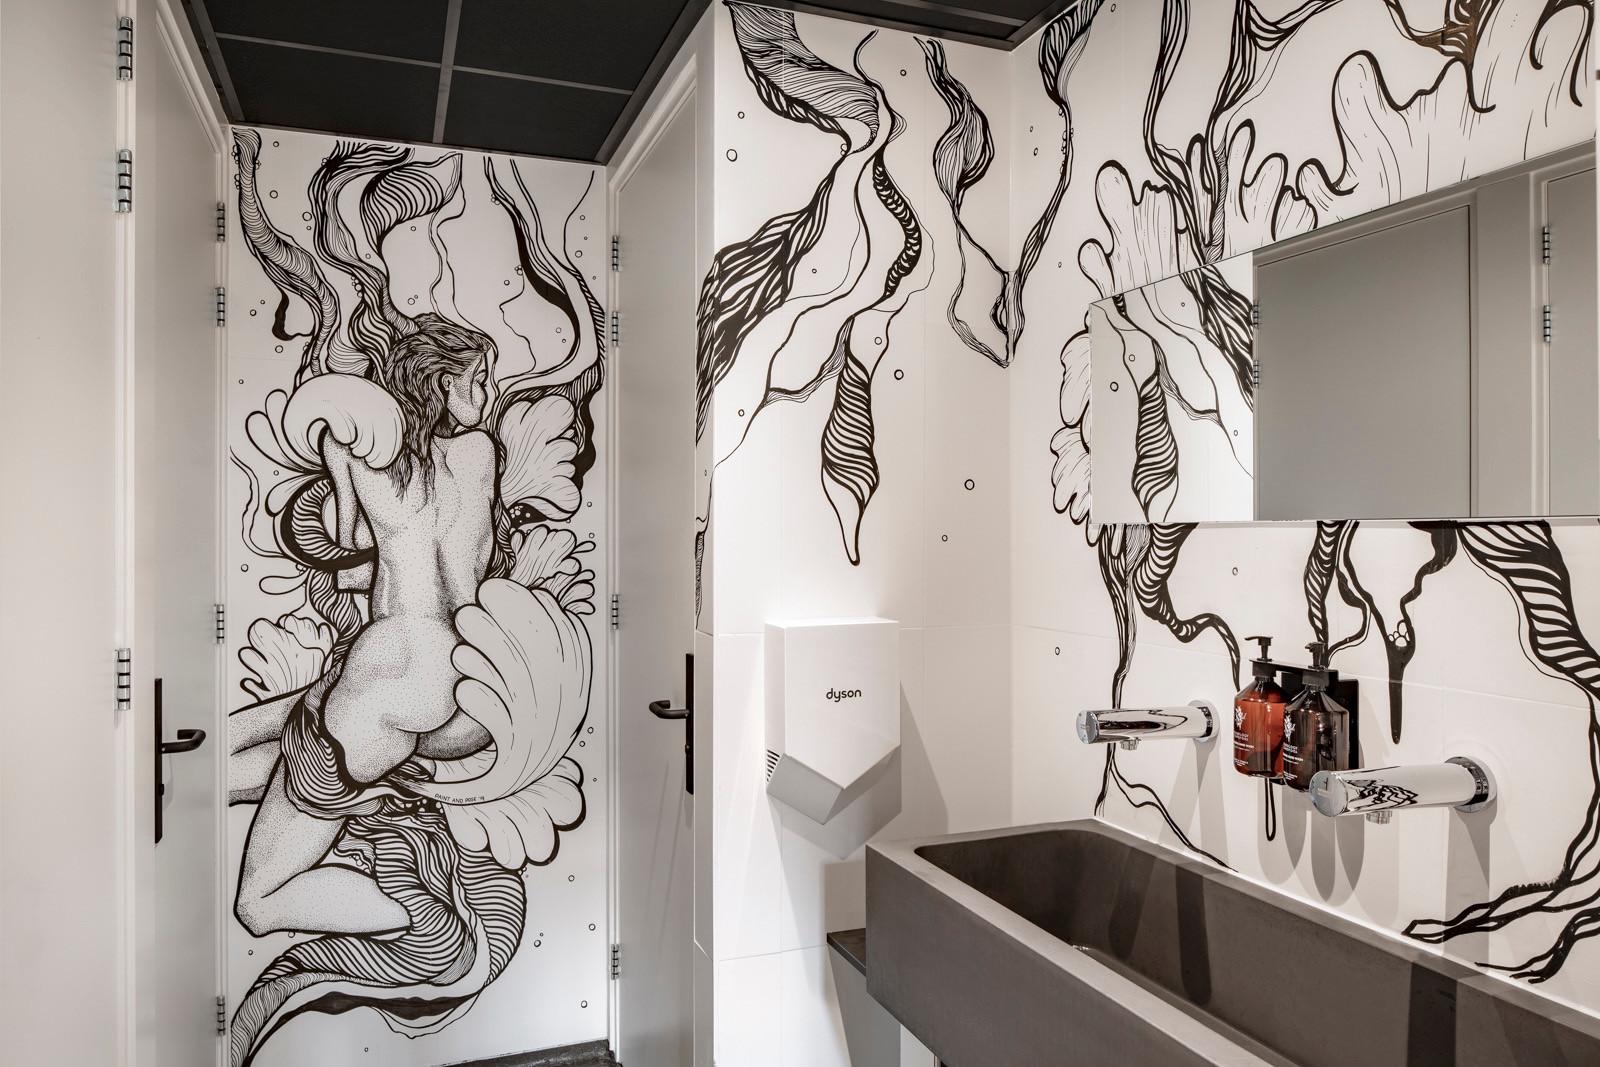 Mural Ladies Toilet, Bunk Hotel Utrecht (NL)